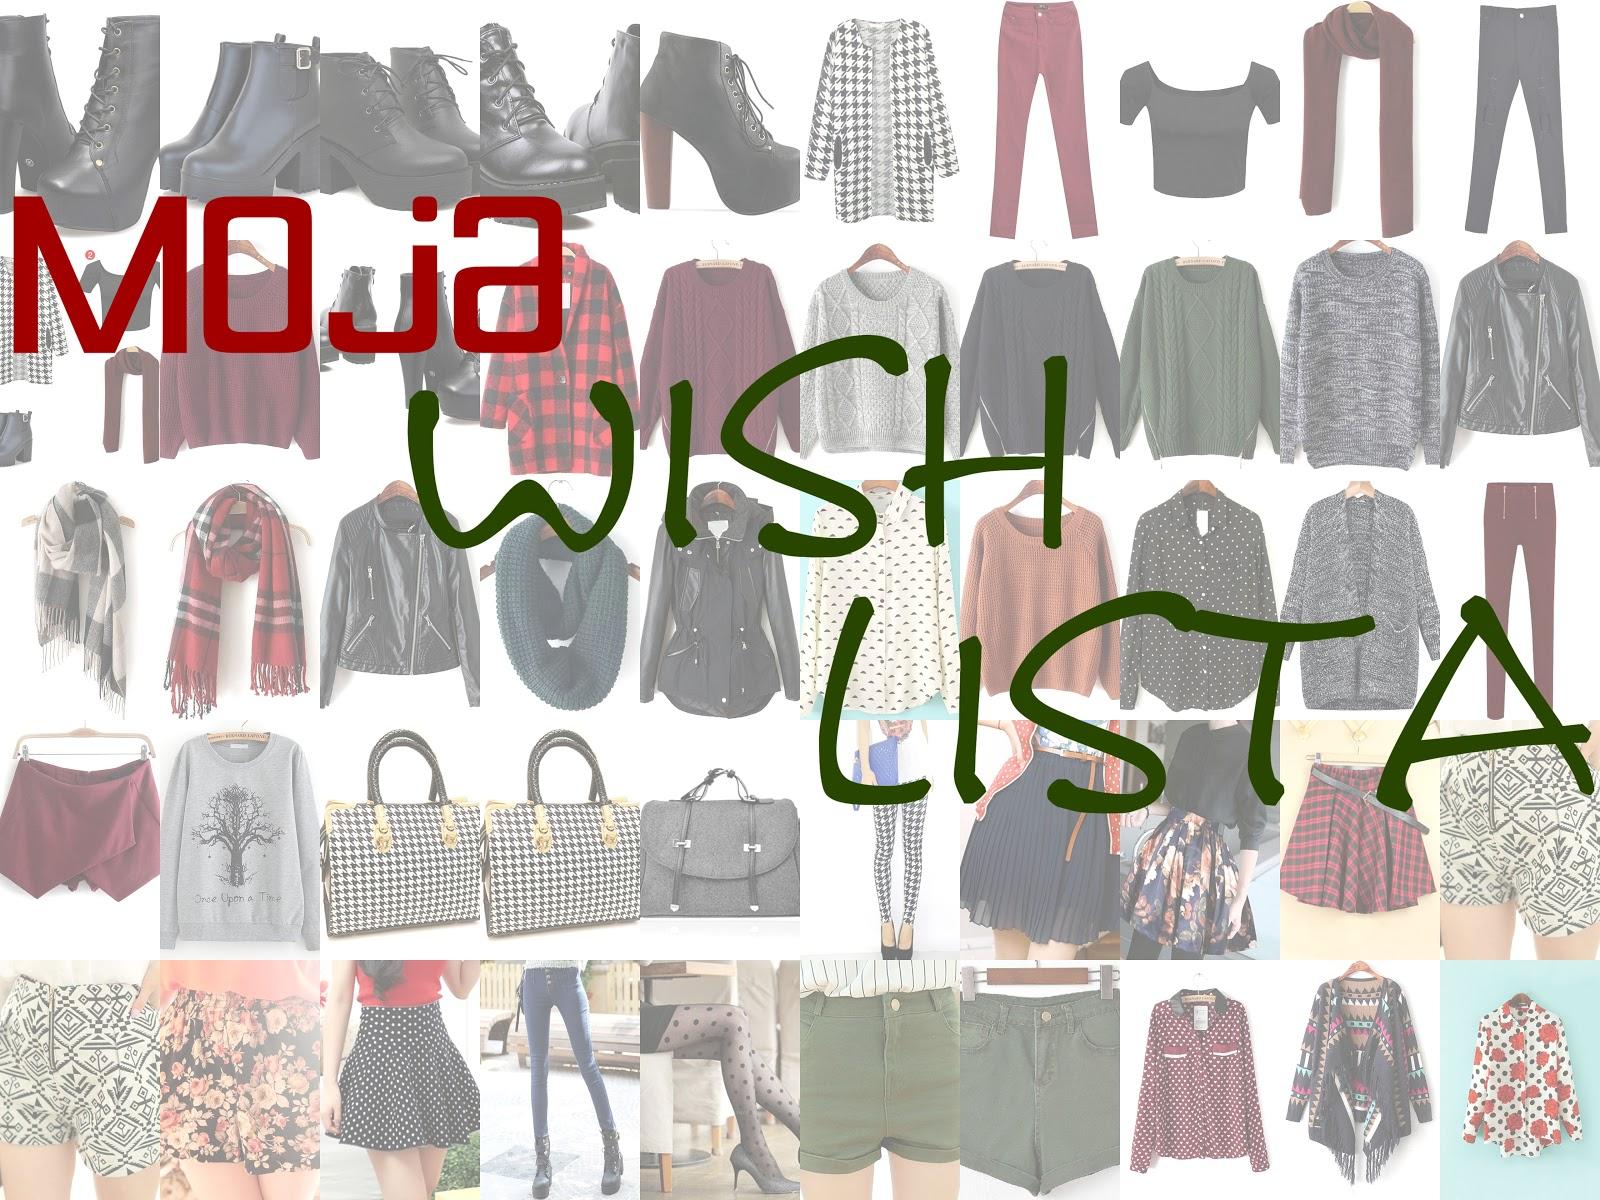 Moja wish lista + moje zamążpójście